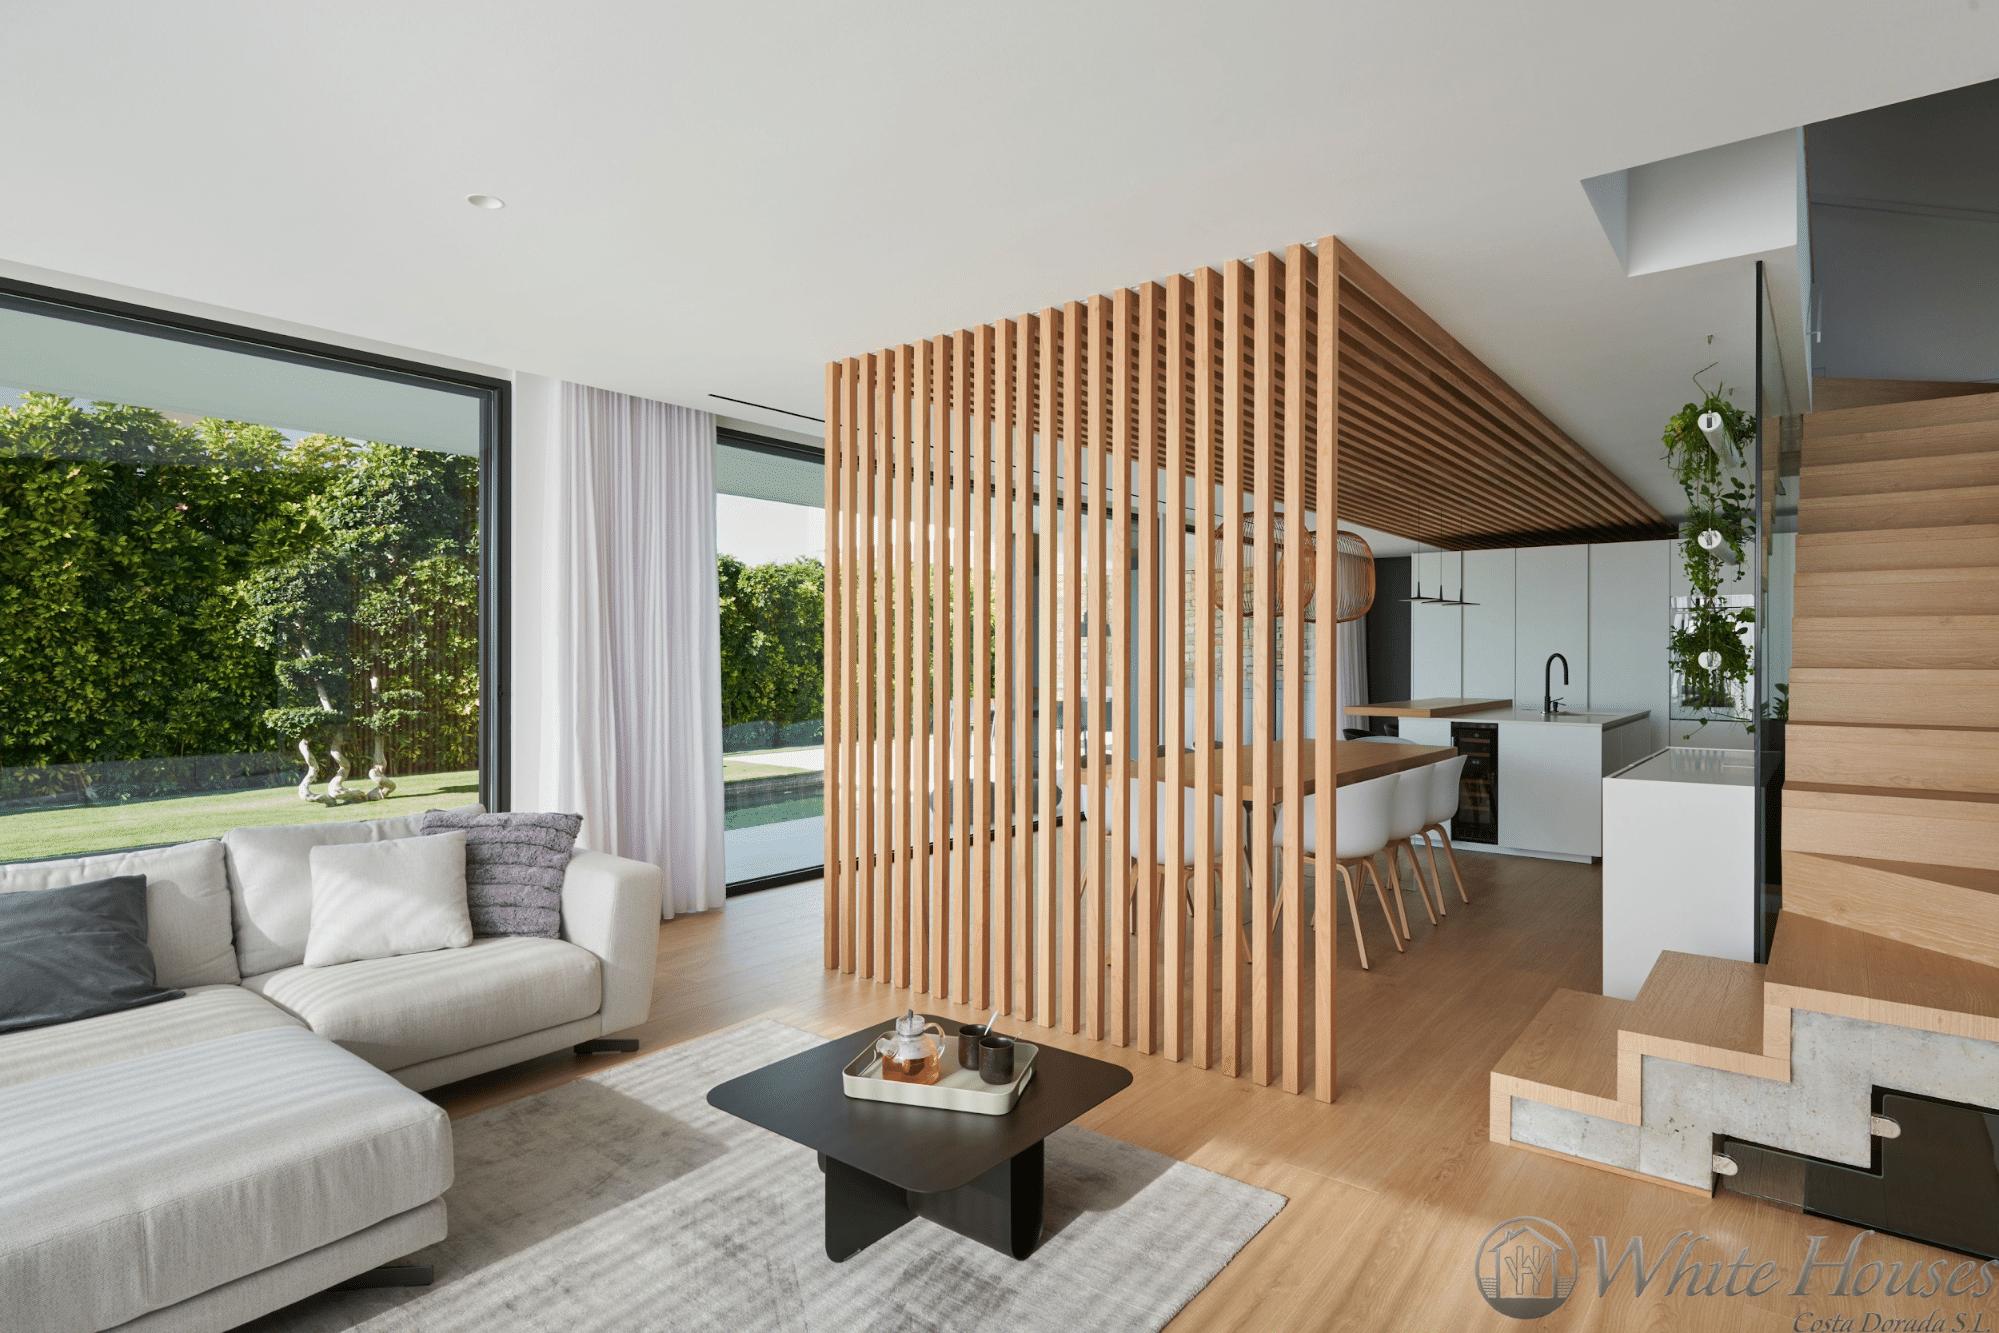 Wooden slats minimalist room divider